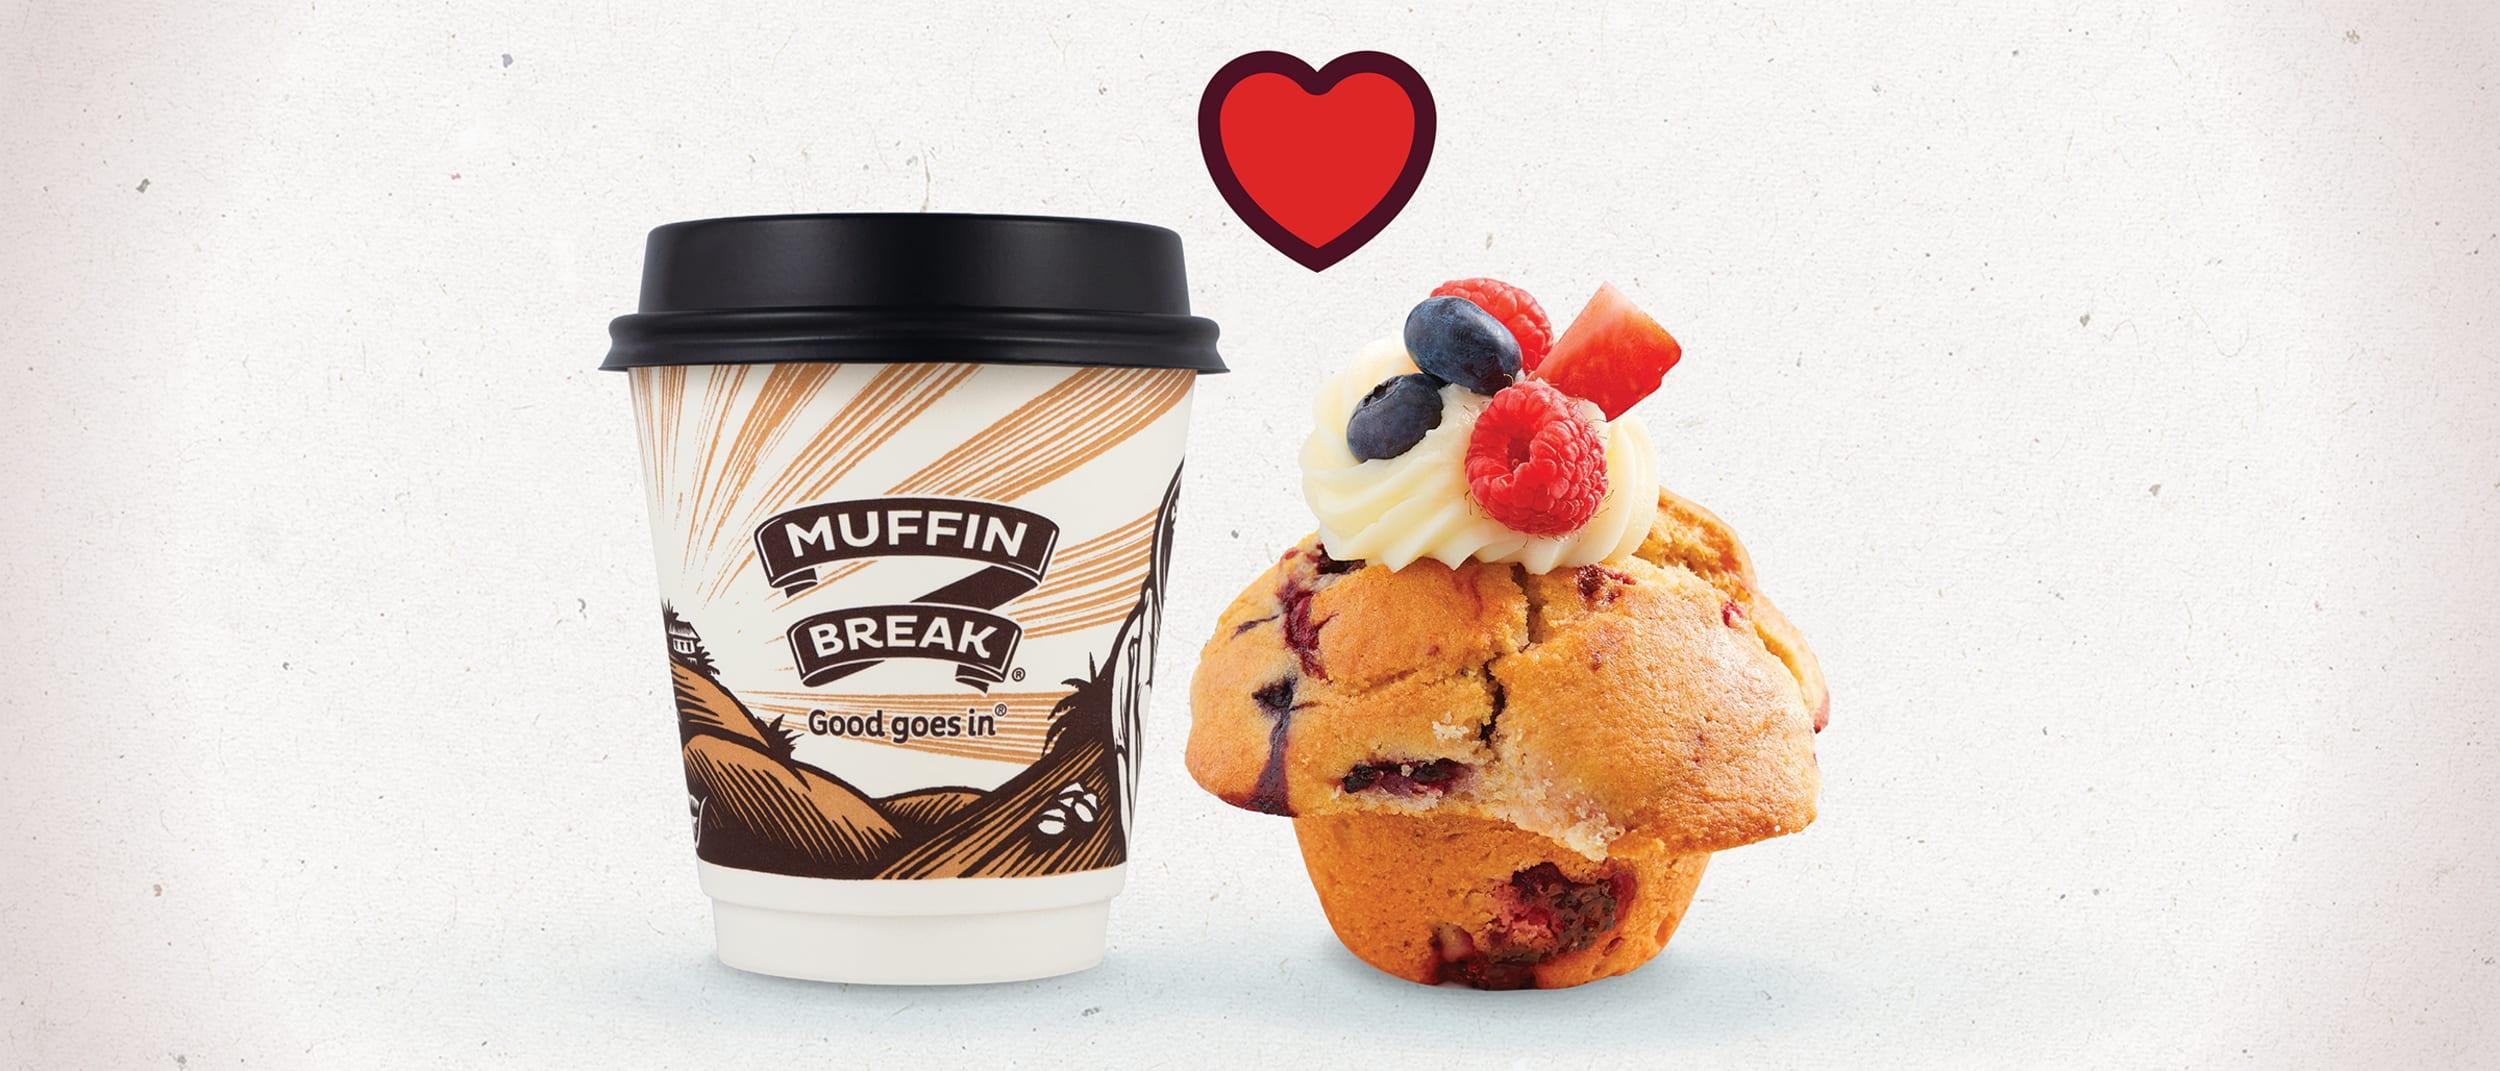 Muffin Break: $7.50 coffee & muffin